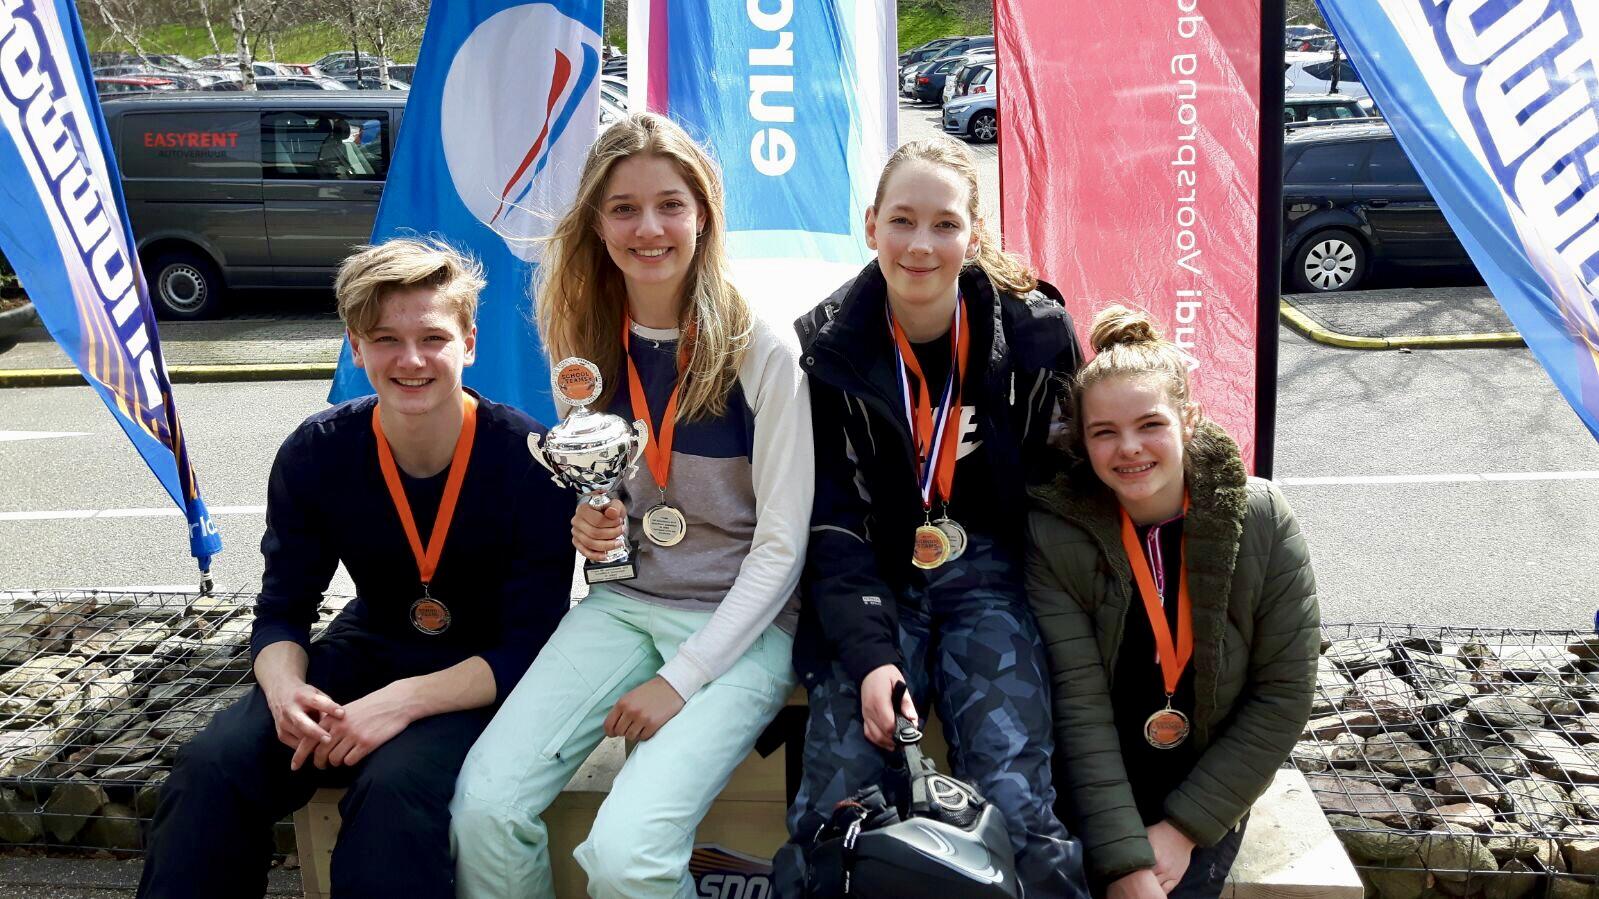 Het snowboardteam van de Berger Scholengemeenschap werd tijdens de Nederlands Kampioenschappen skien en snowboarden een tweede plaats. Floortje Koster uit Egmond aan den Hoef. (Foto's: aangeleverd). rodi.nl © rodi